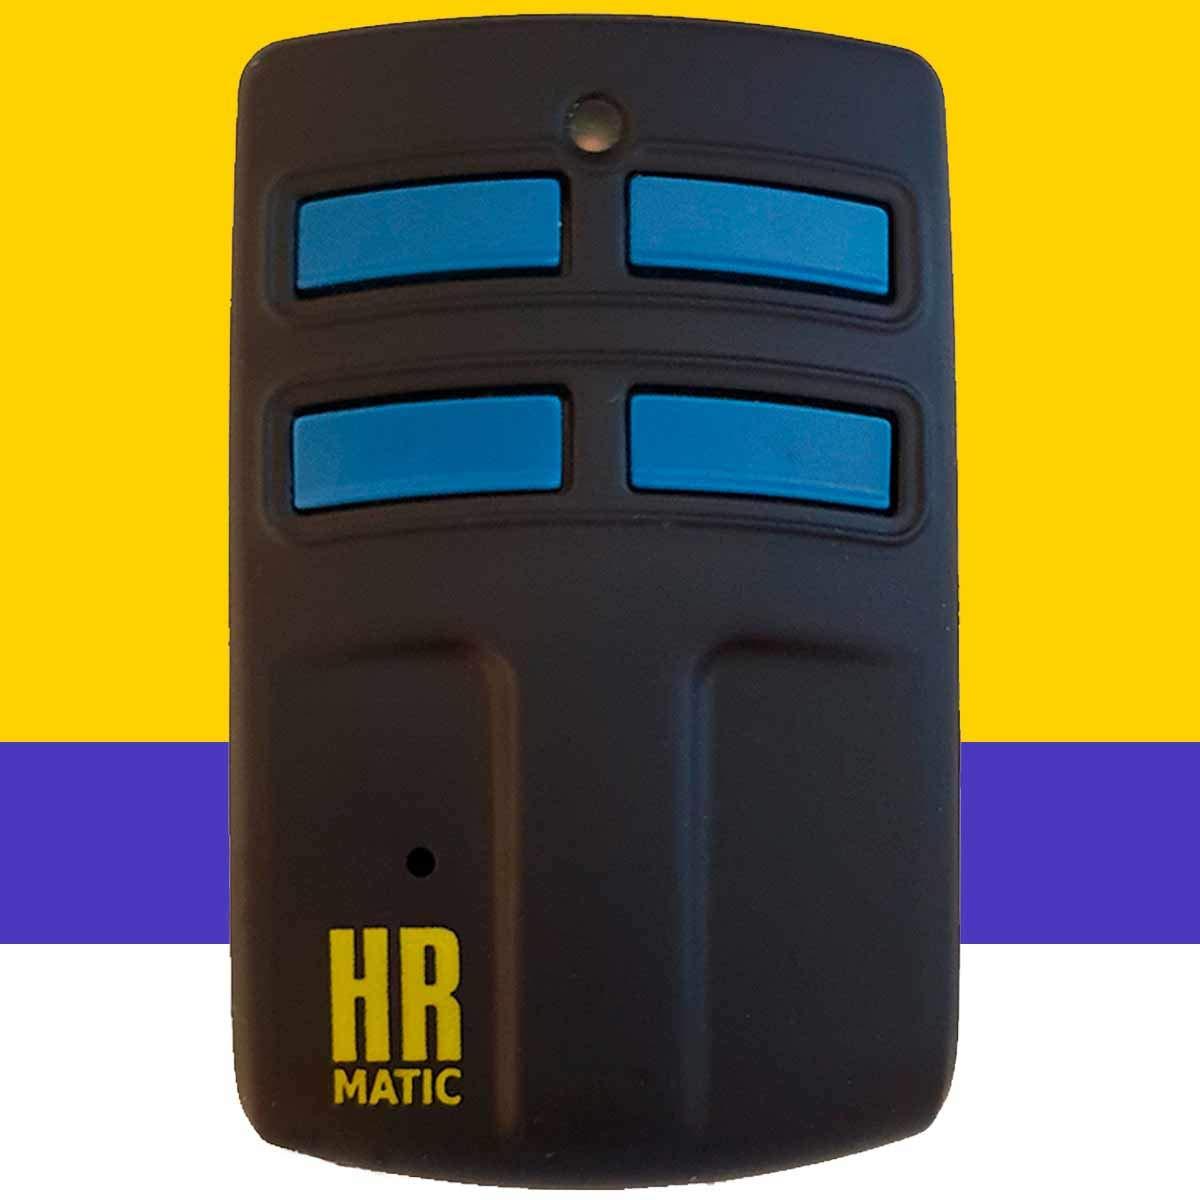 Mando de Garaje Universal HR MULTI 2 compatible con el 95% de mandos de garaje